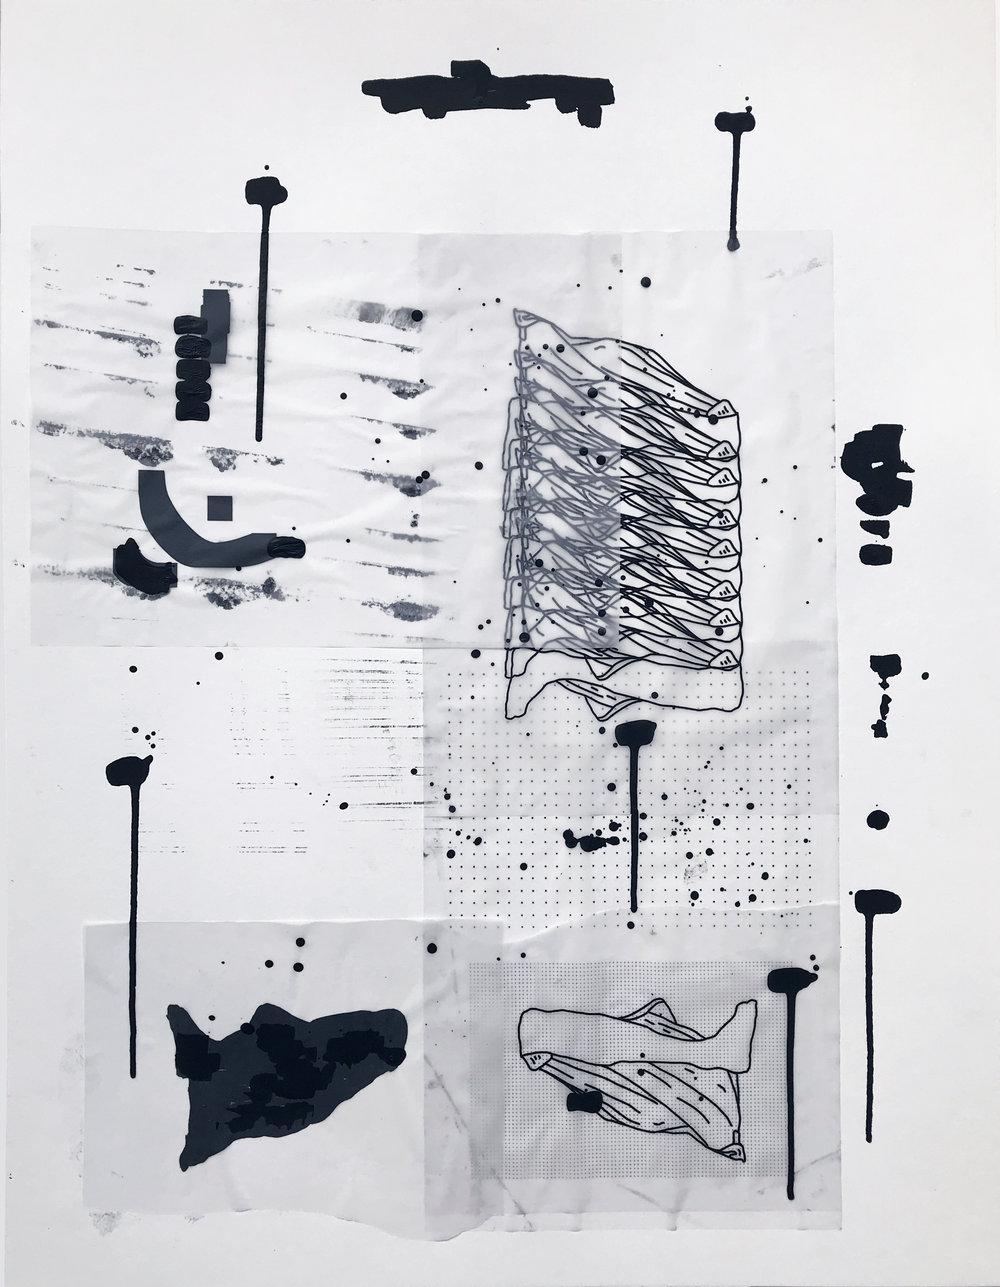 %22Detrás del espejo _ 12%22 - Técnica mixta sobre papel - 65 x 50 cm - Julián Brangold - 2018.jpg